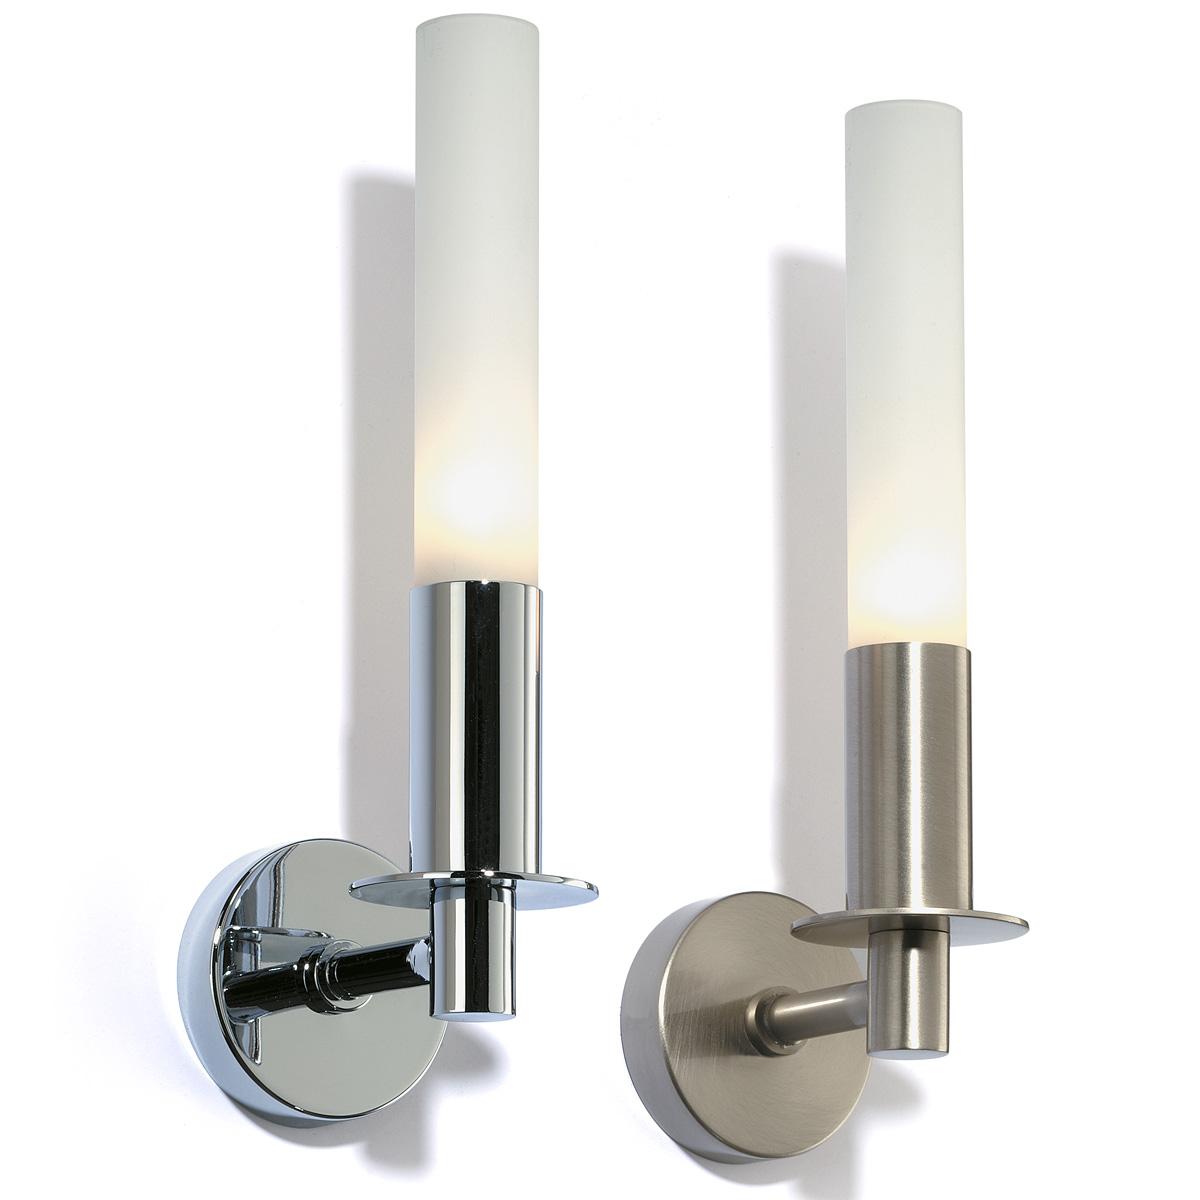 Kerzen Wandleuchte Für Bad Und Spiegel Candela   Casa Lumi